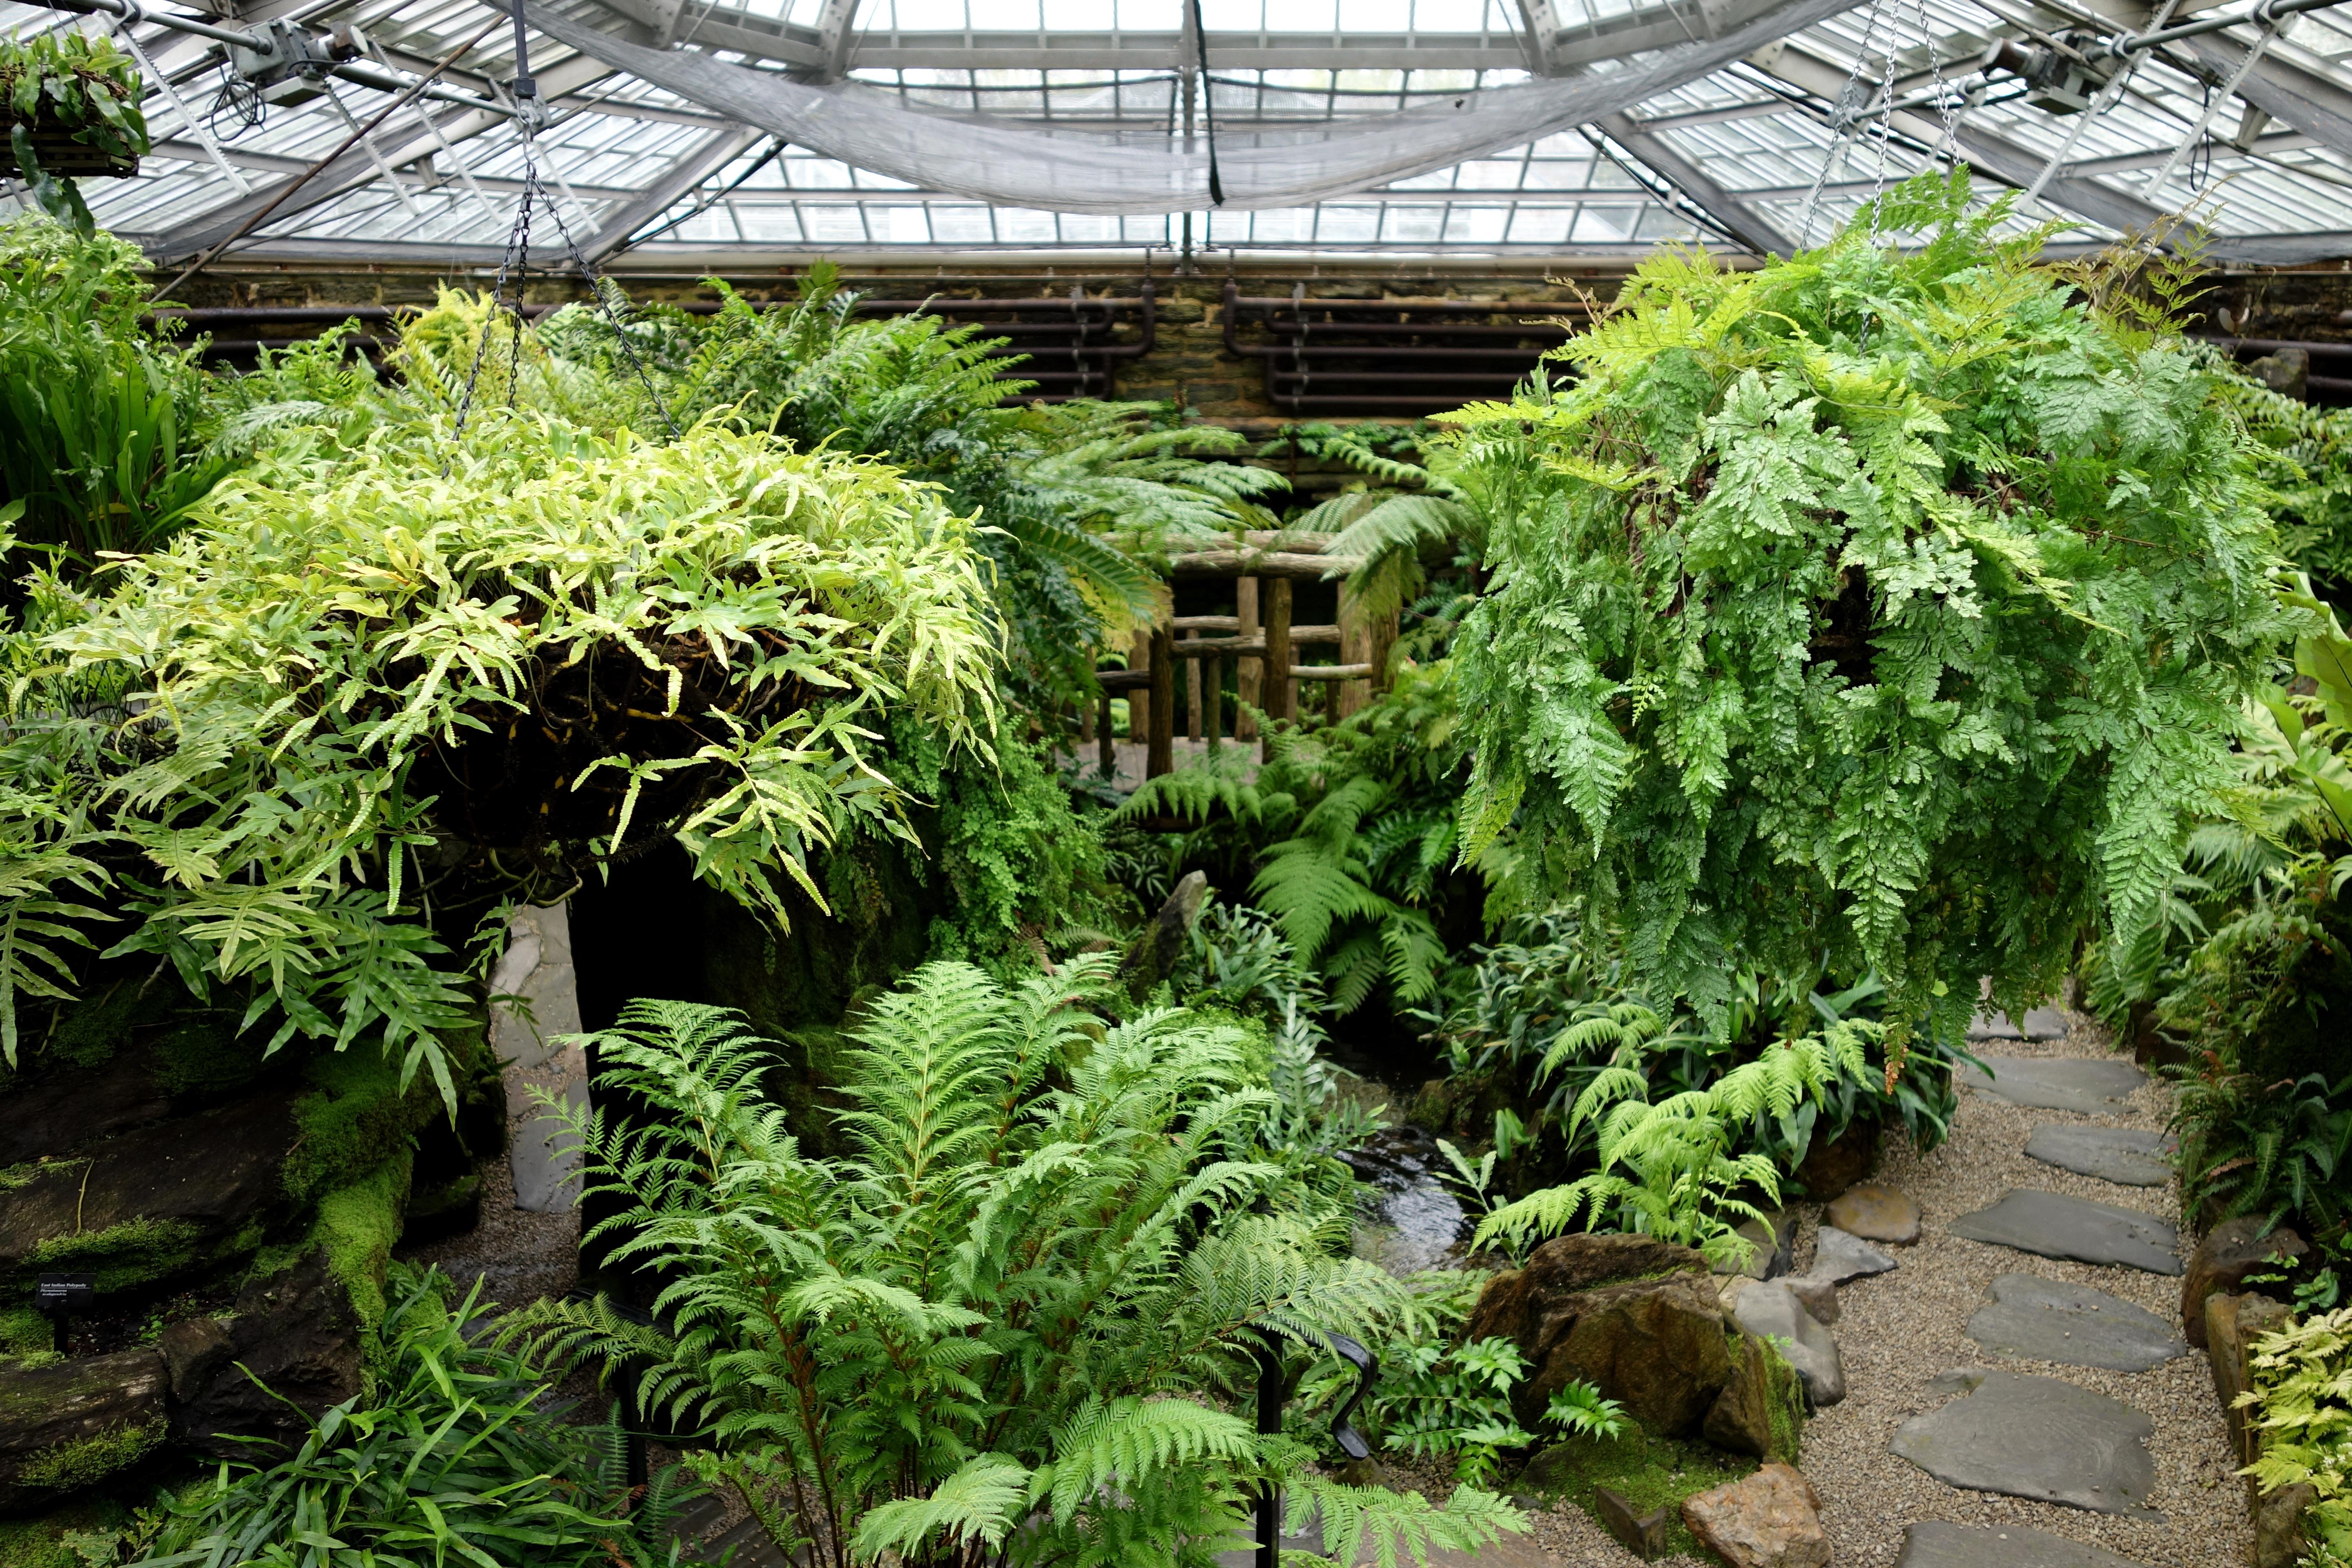 file fernery interior view   morris arboretum   dsc00168